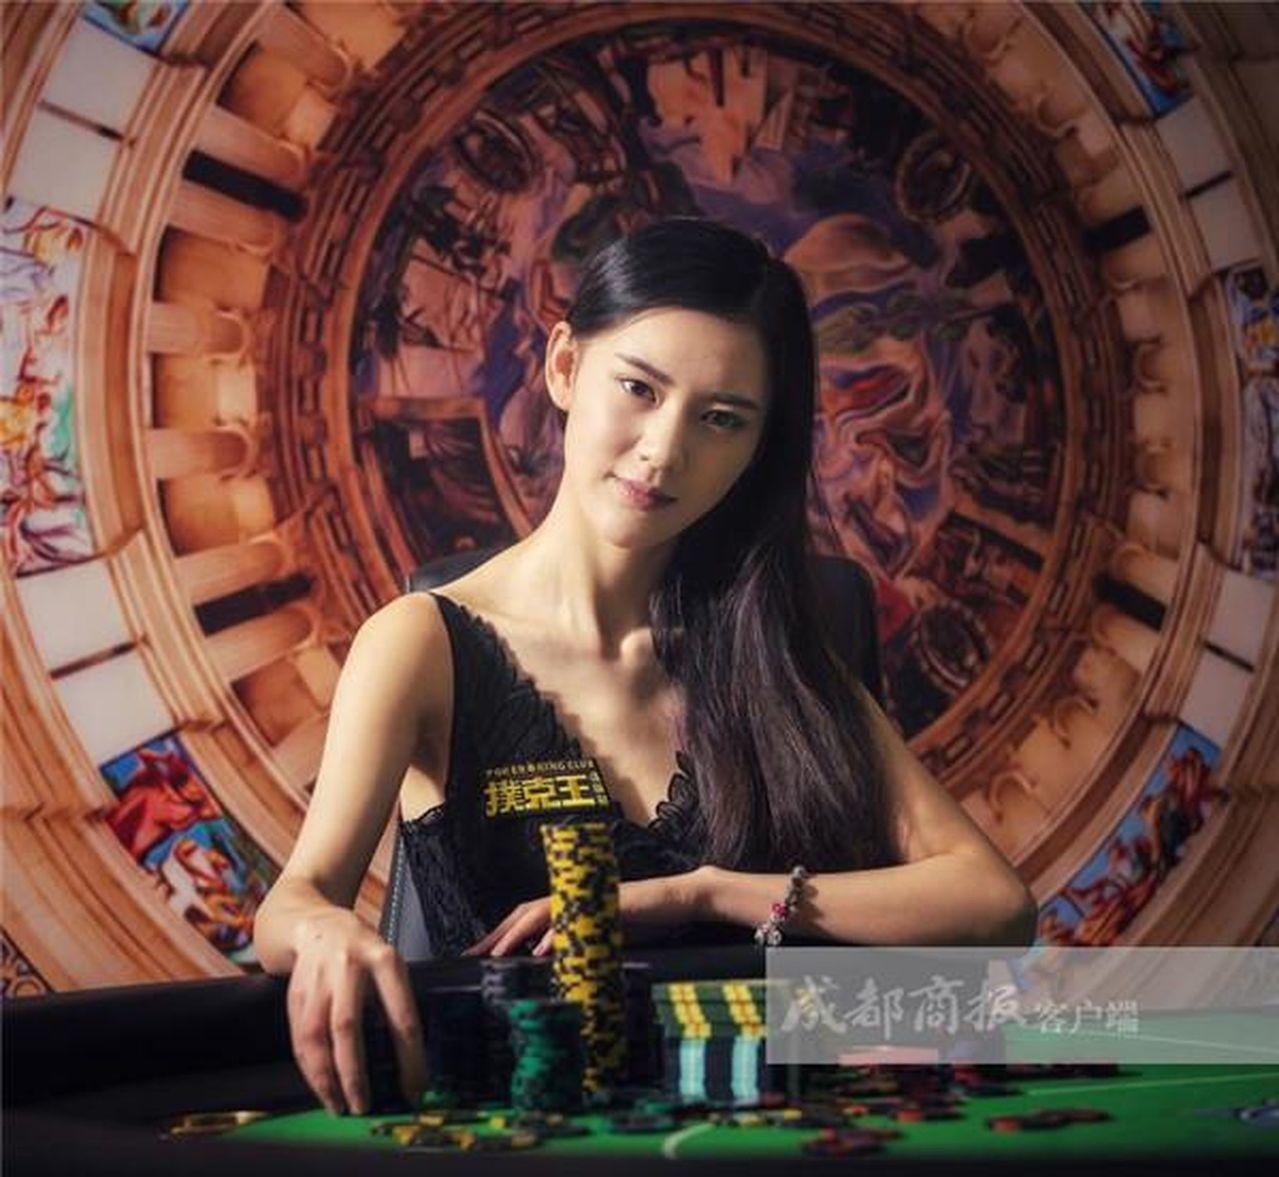 成都大二女生獲全球撲克賽中國冠軍,自稱管好情緒才能打好牌。